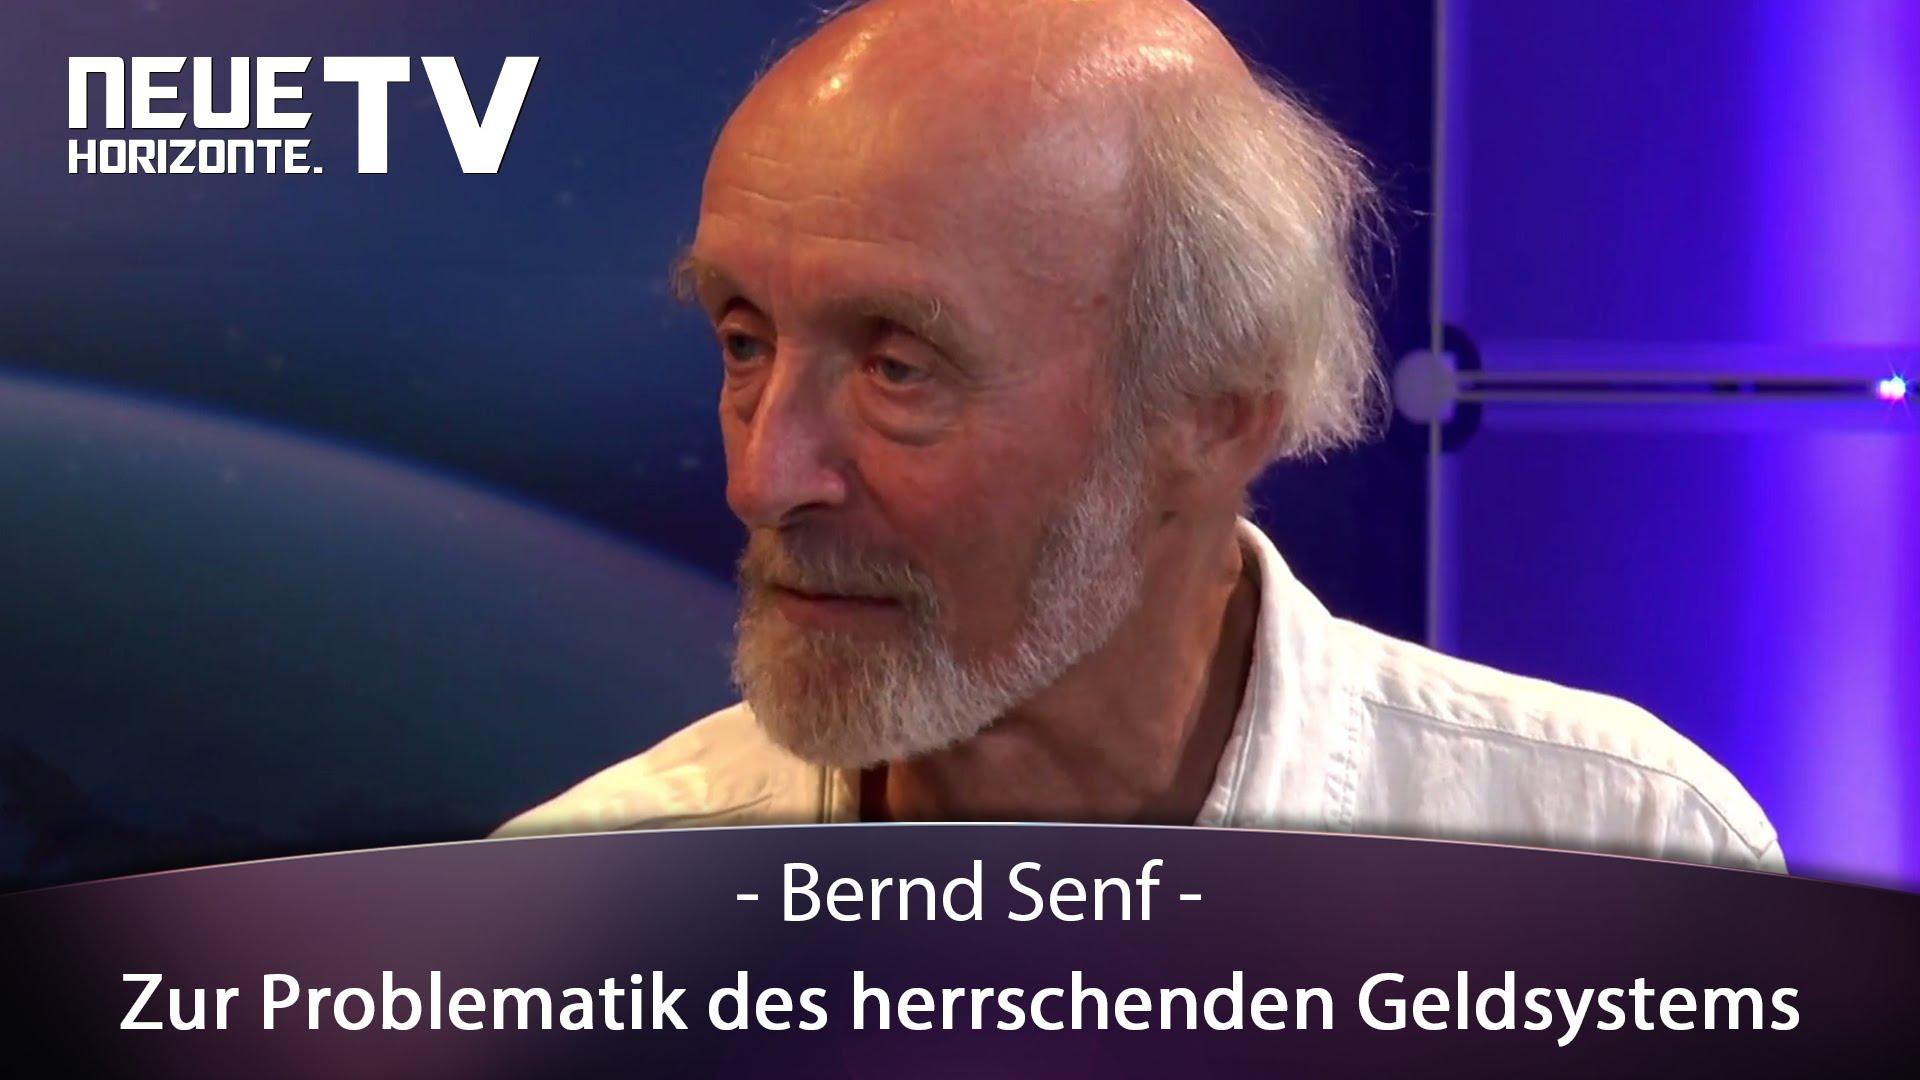 Zur Problematik des herrschenden Geldsystems – Bernd Senf